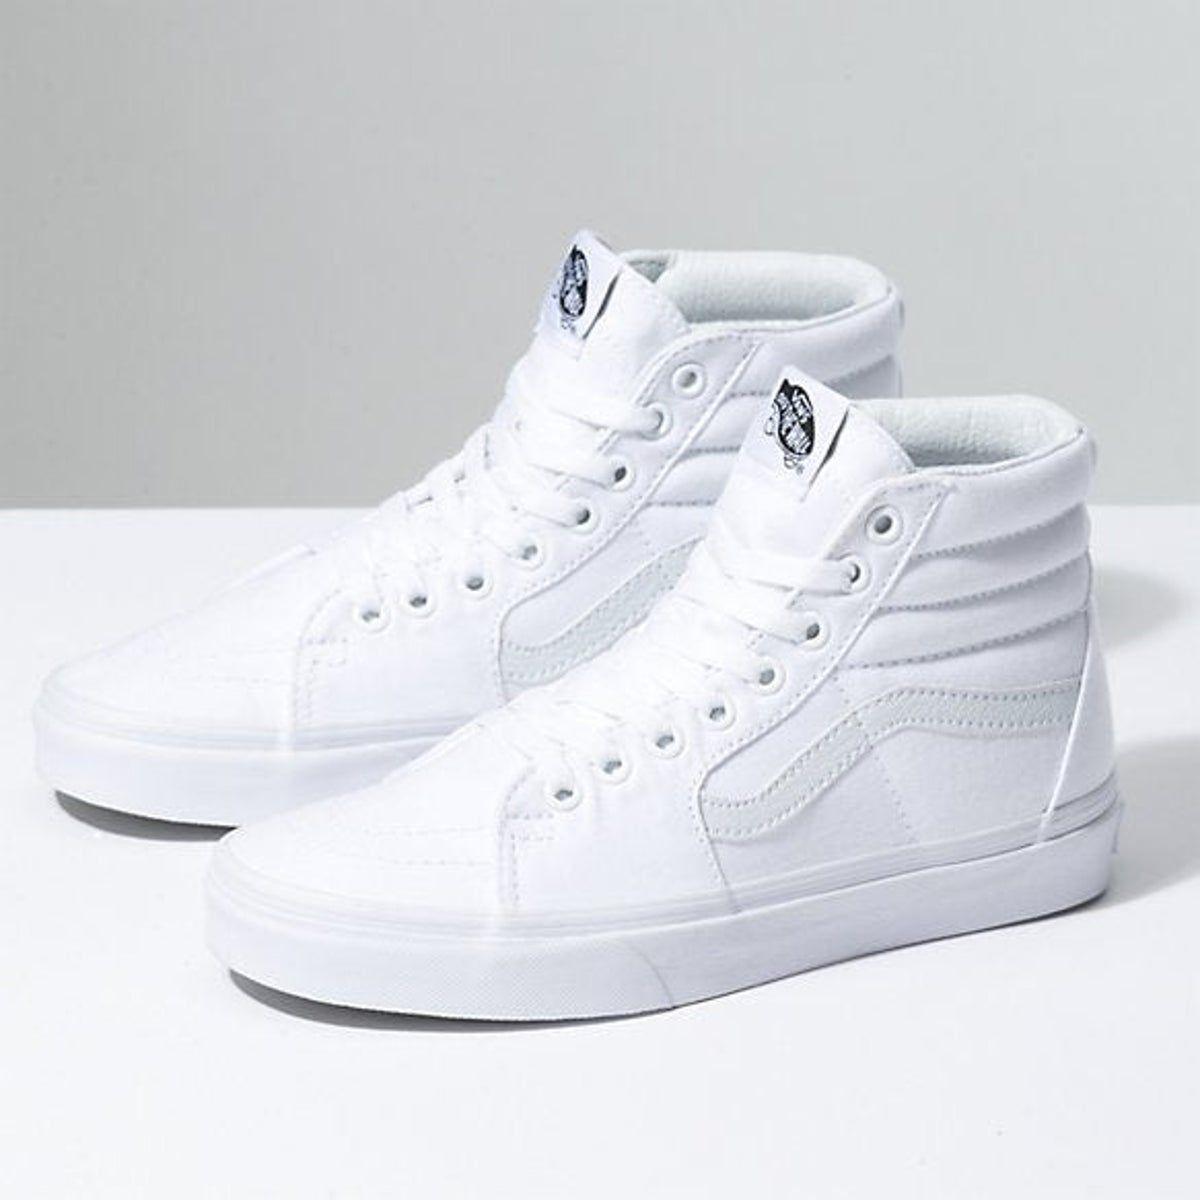 Vans Old Skool White High Tops | White